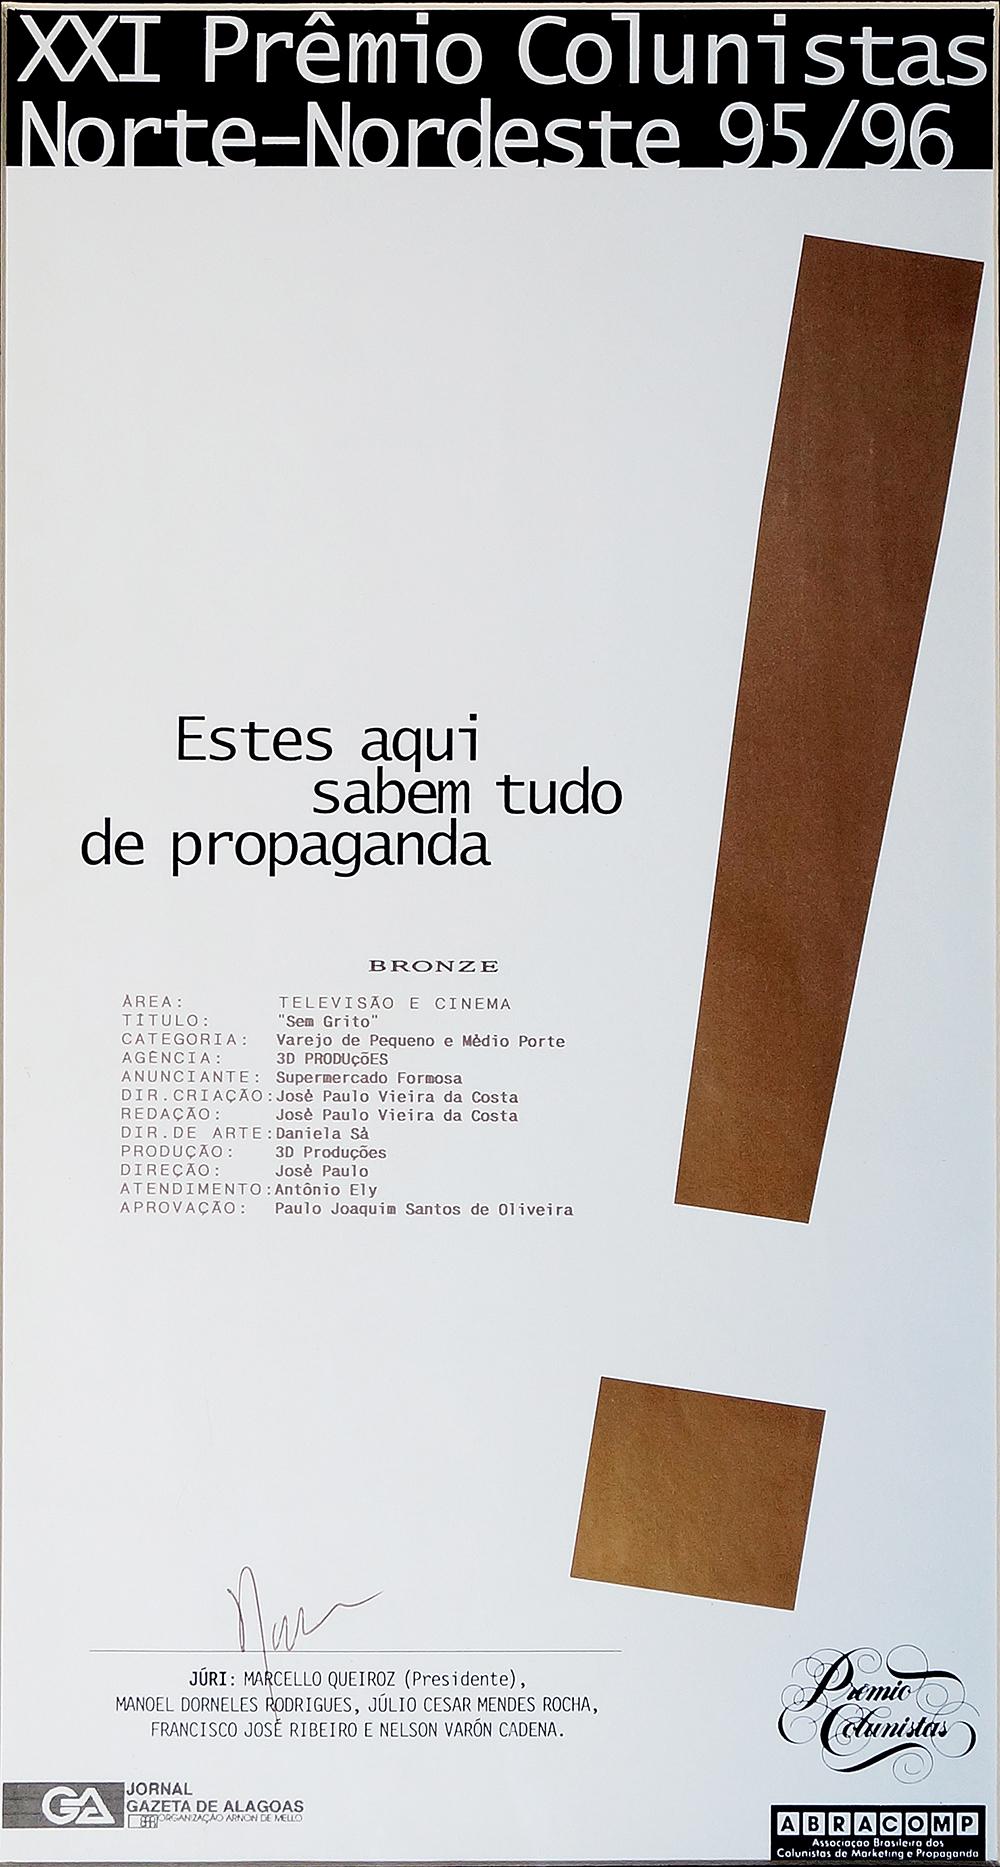 PREMIO - SEM GRITO